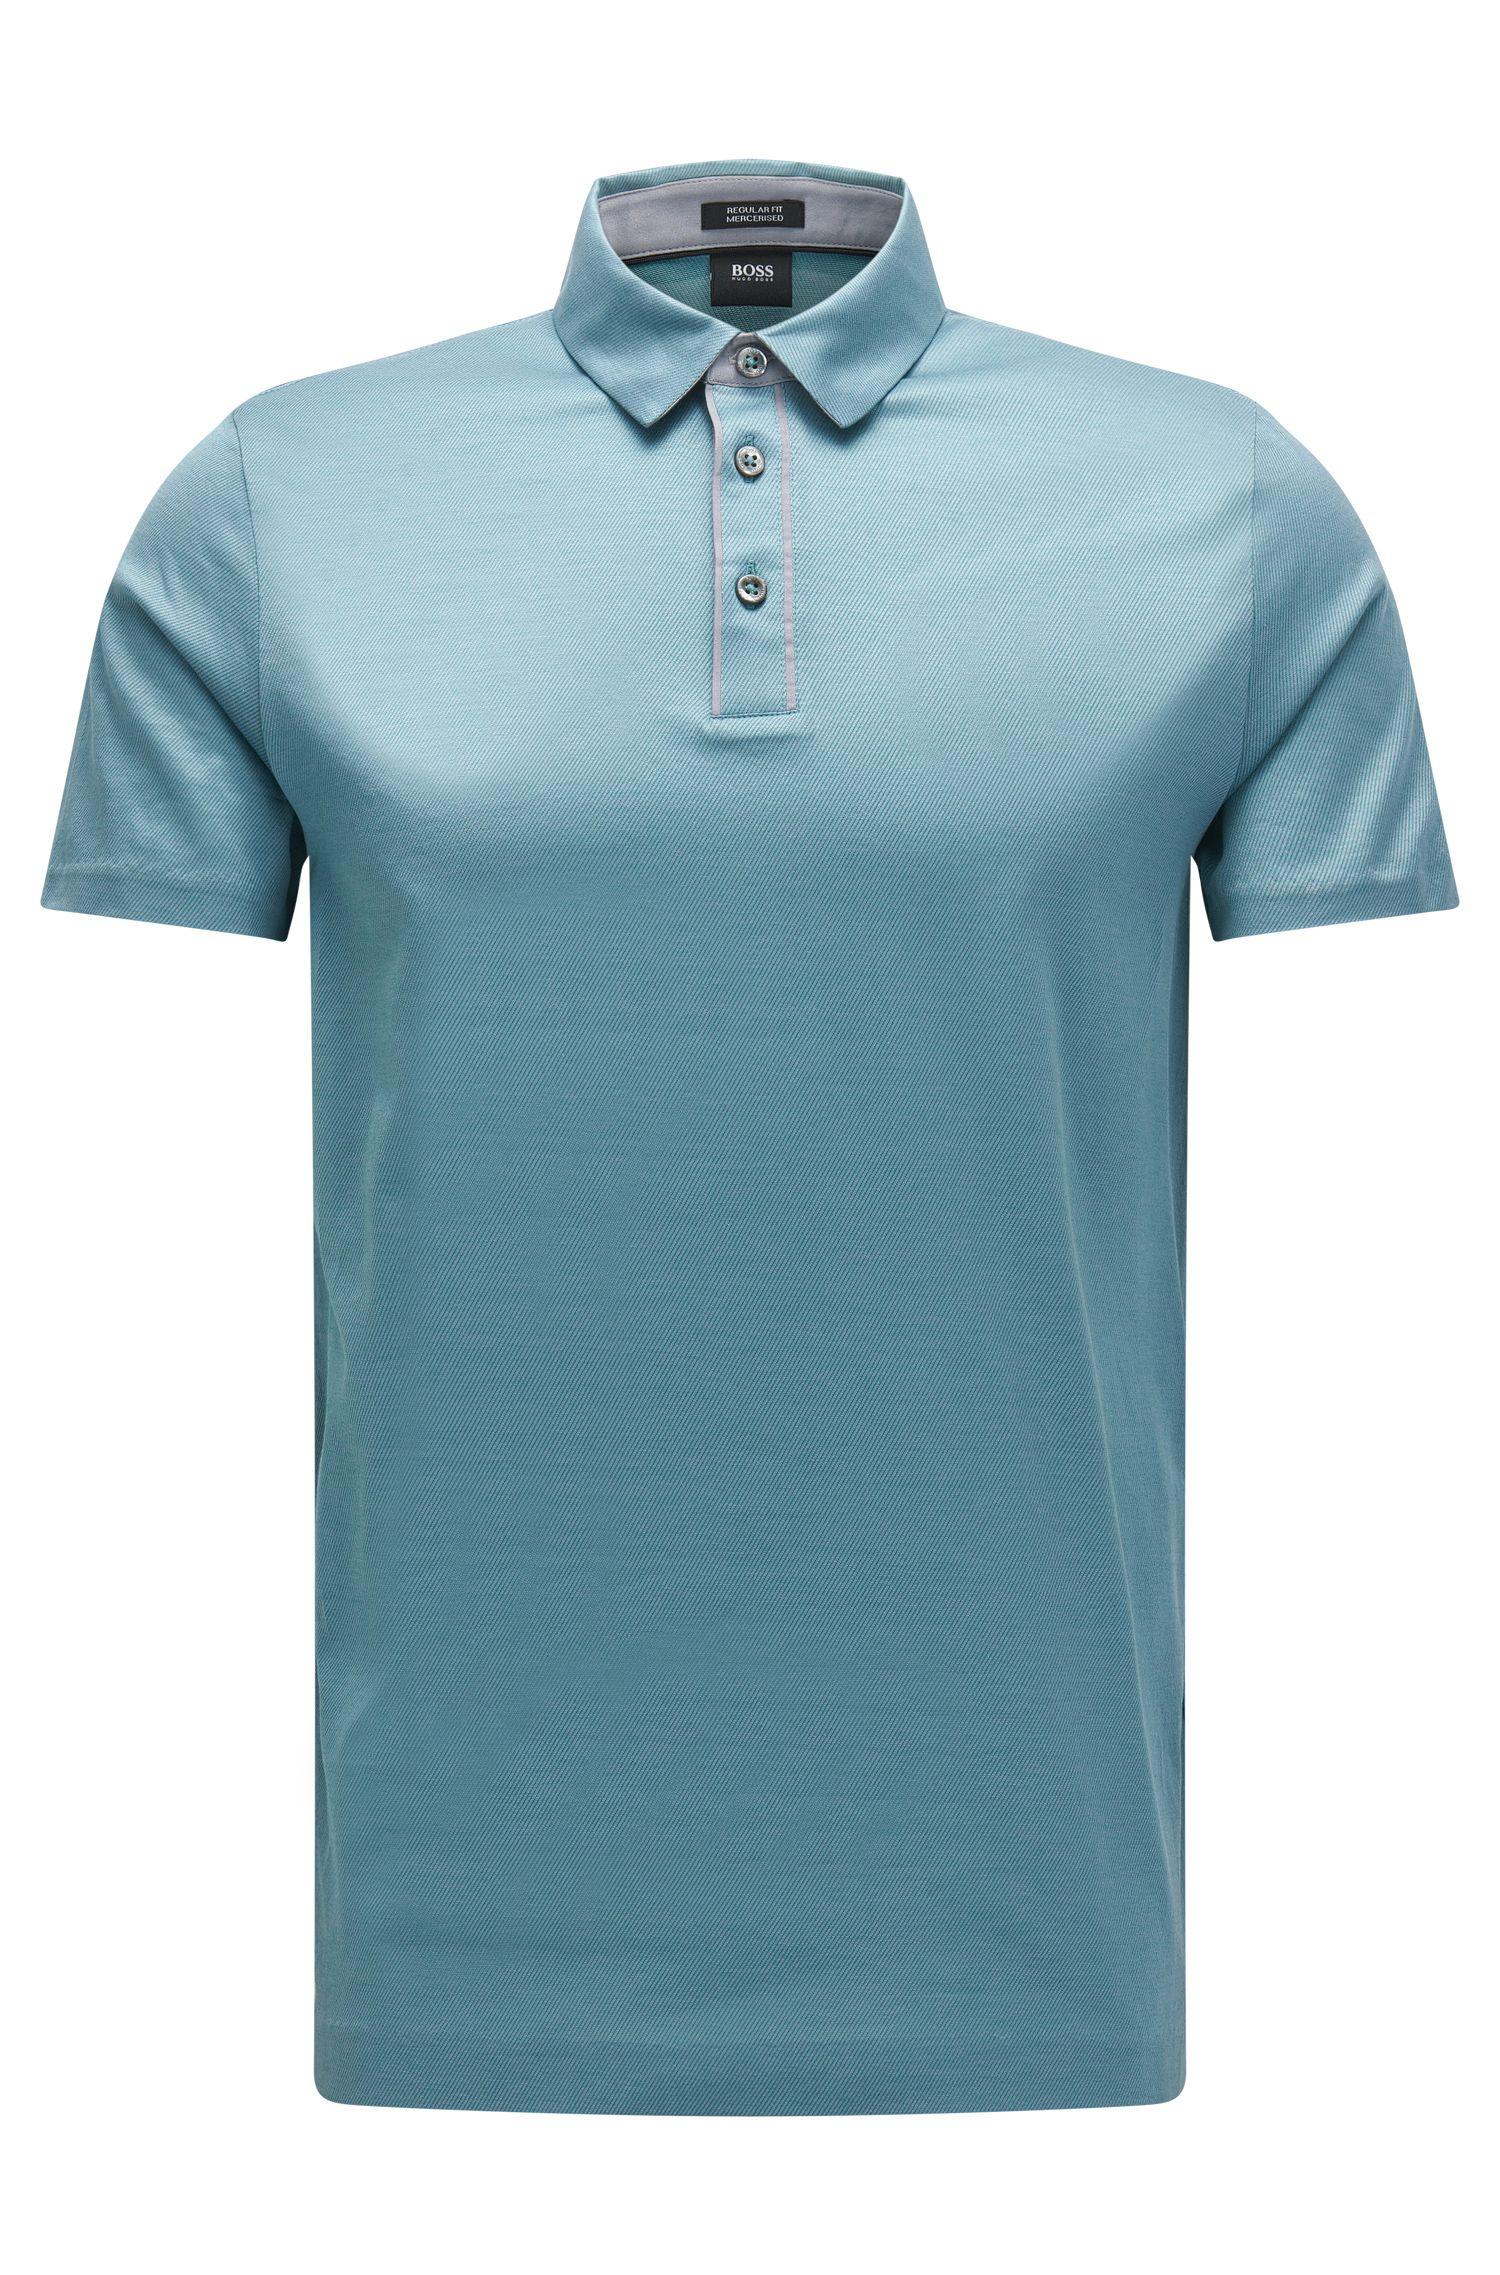 'Press 15' | Regular Fit, Mercerized Jacquard Cotton Polo Shirt